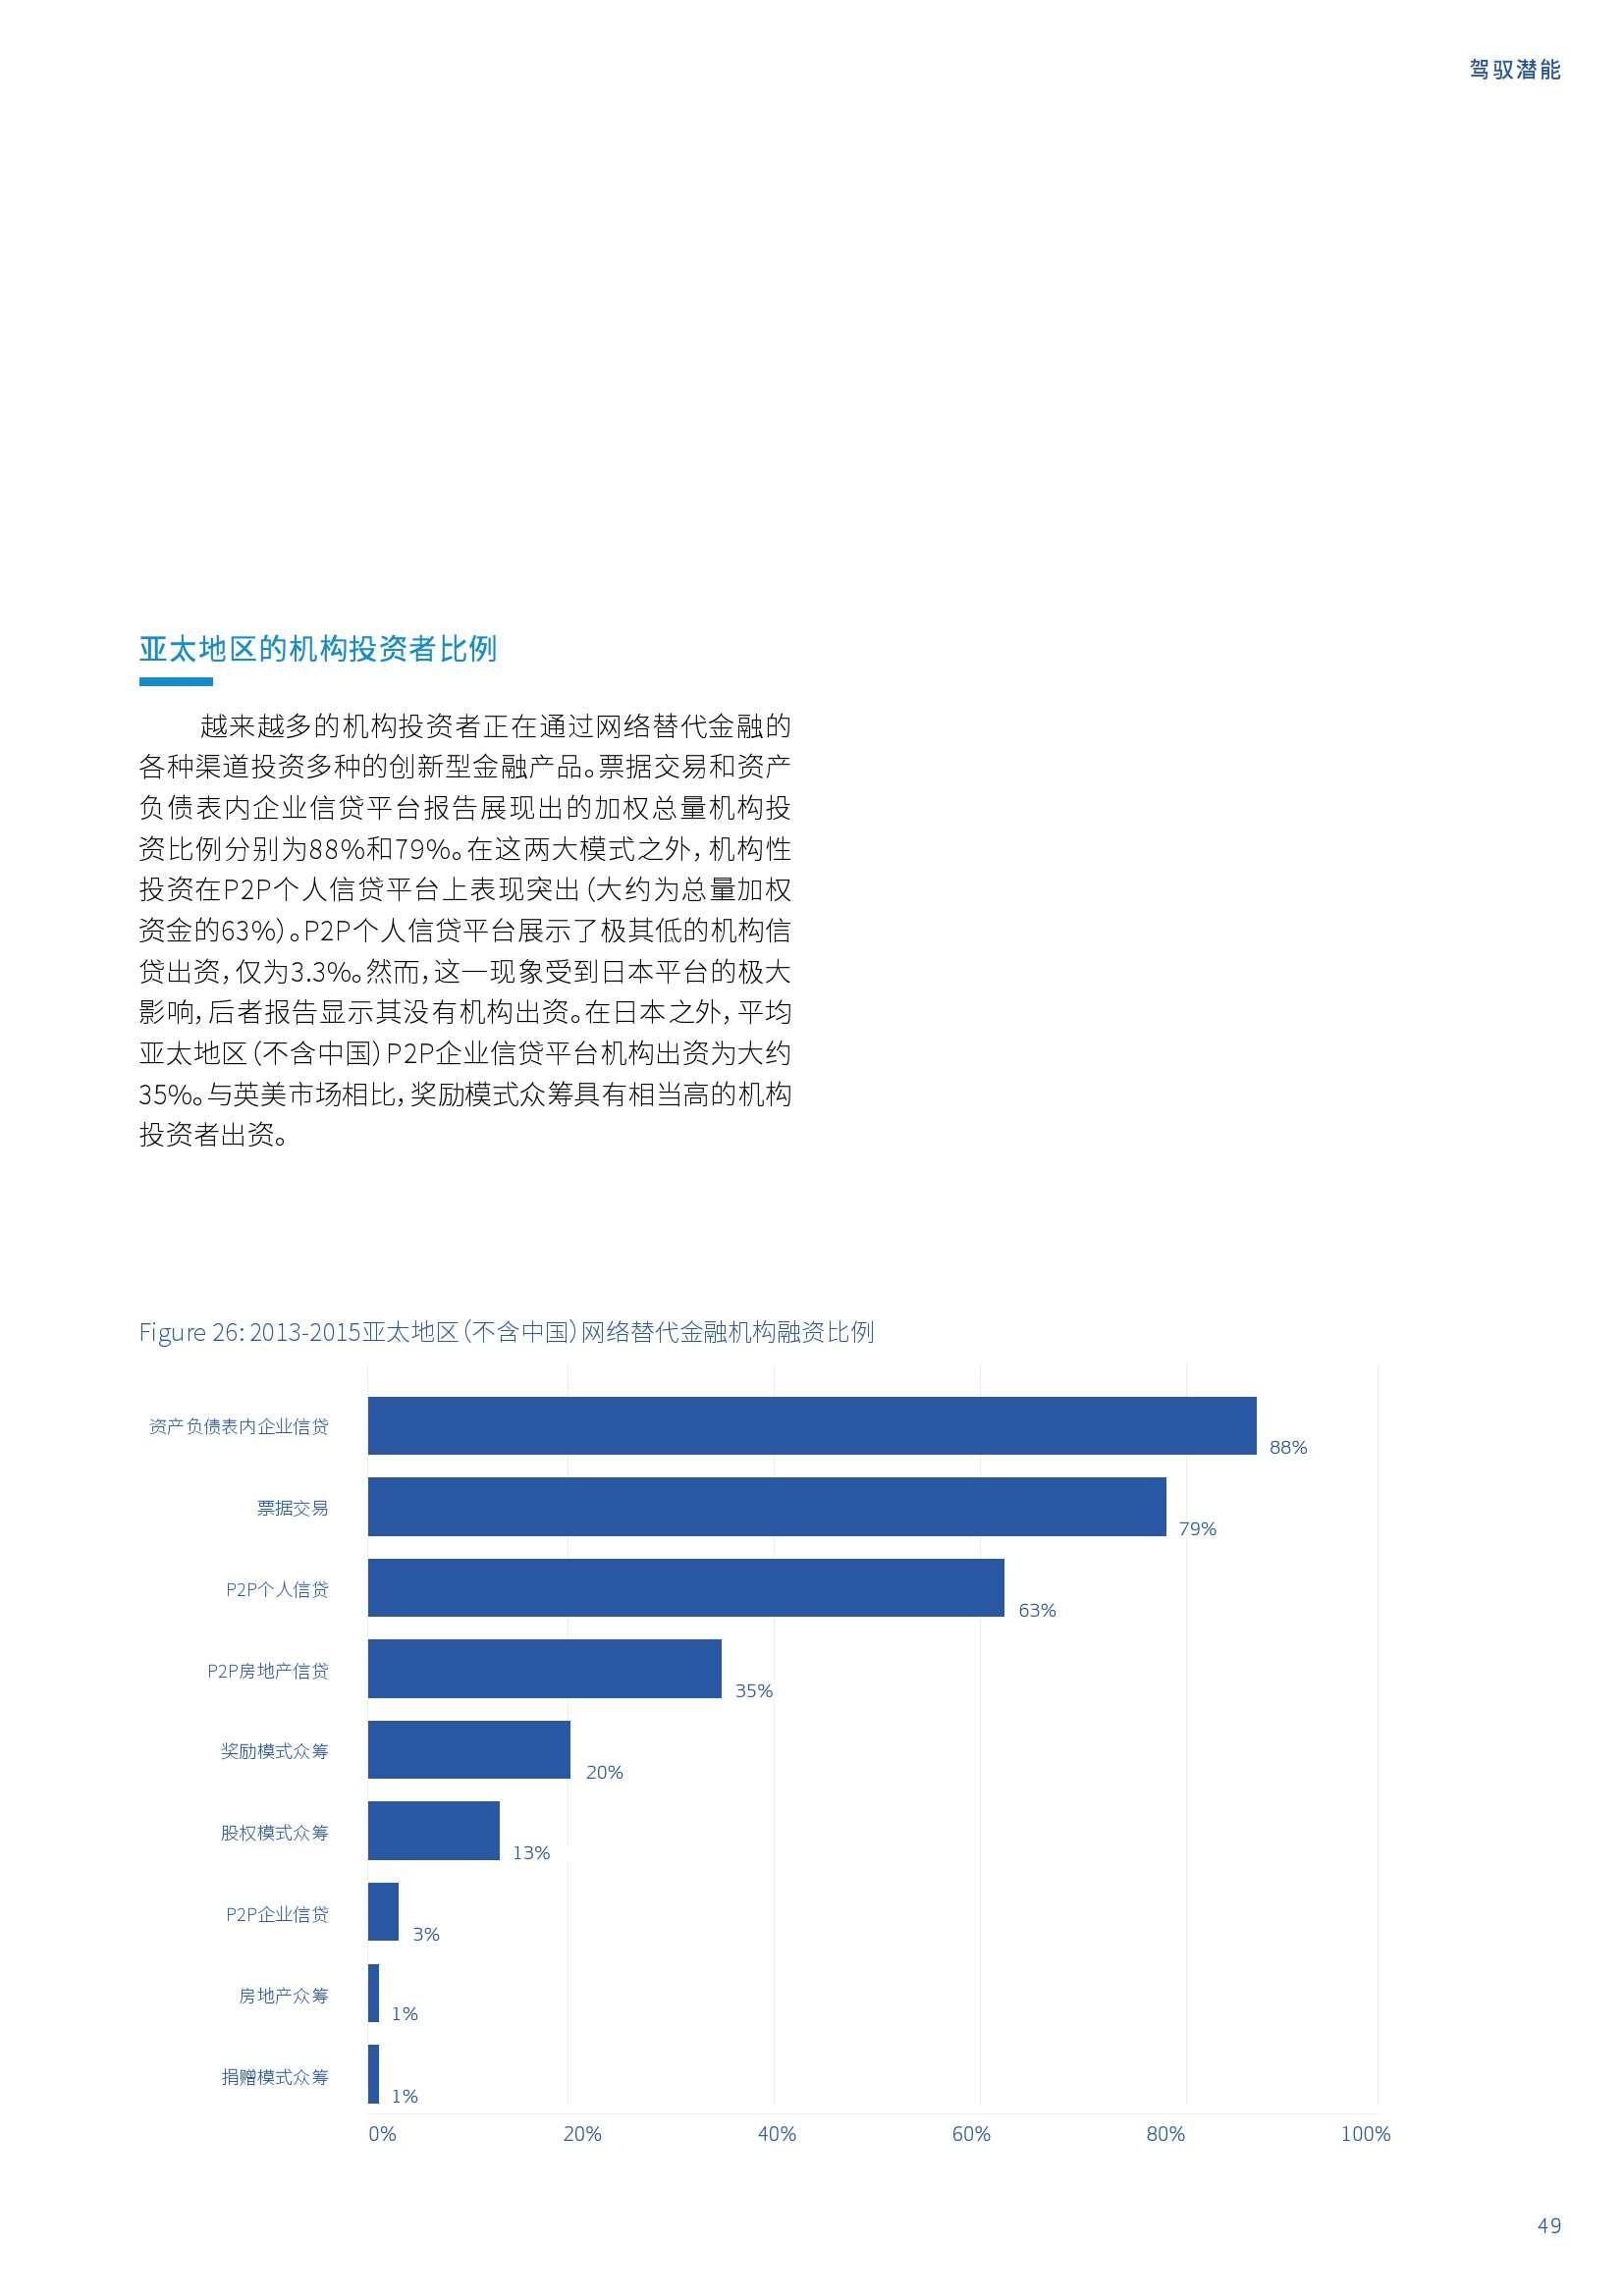 亚太地区网络替代金融基准报告_000049